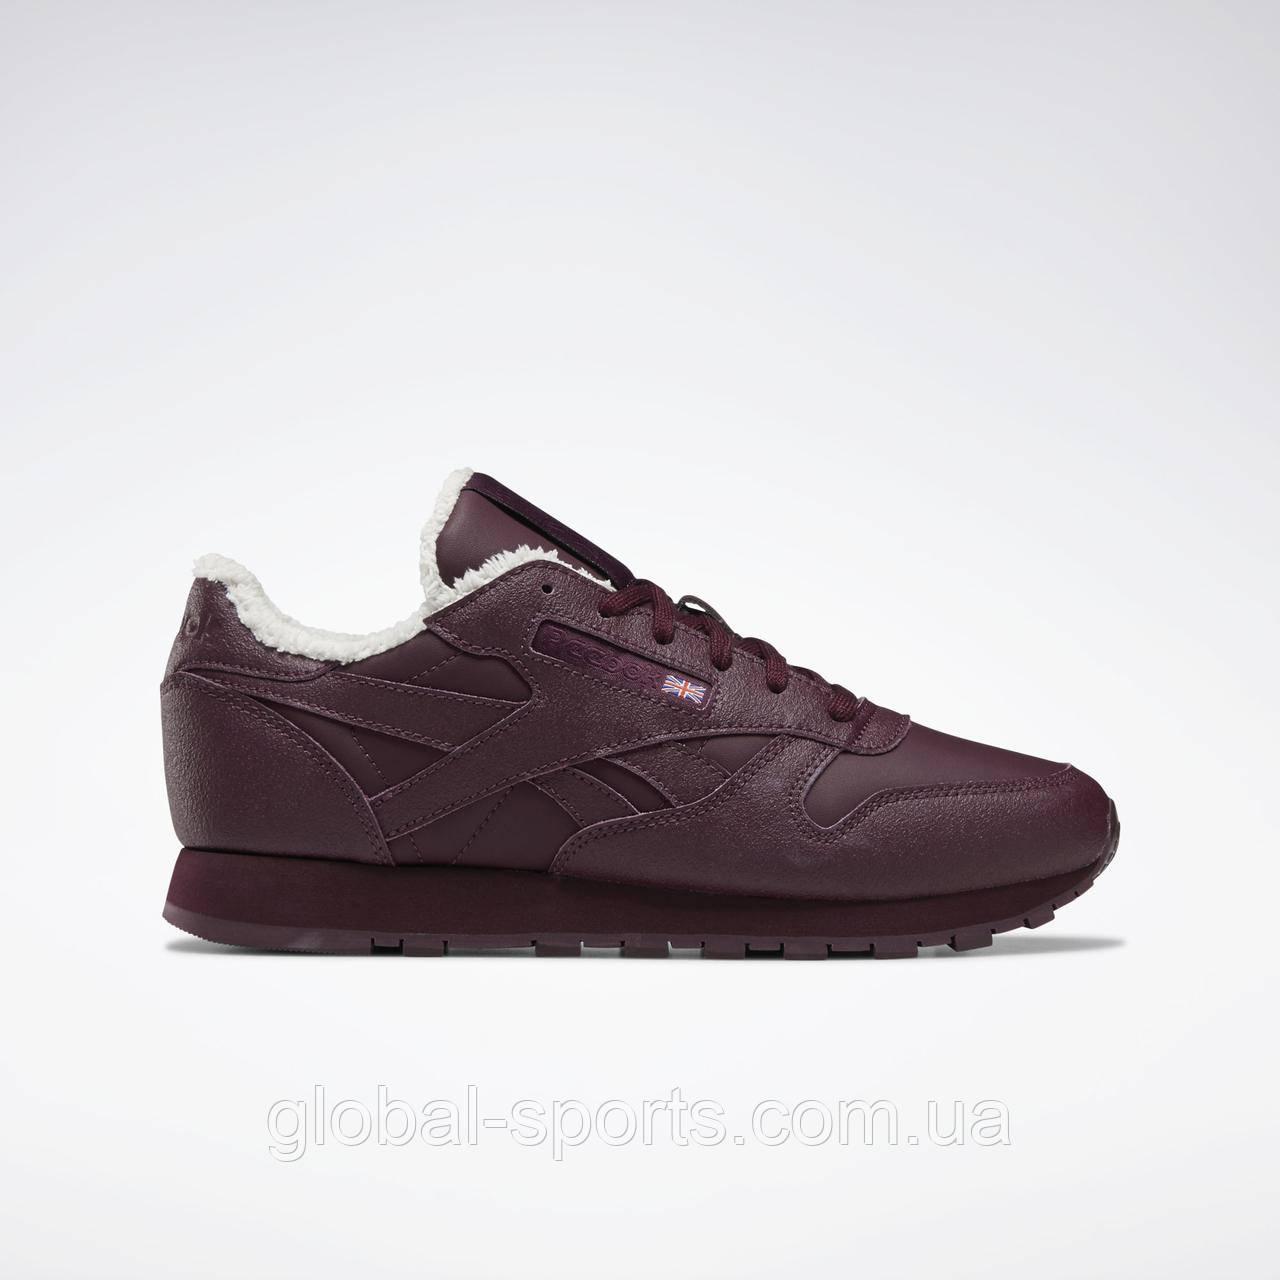 Жіночі кросівки Reebok Classic Leather (Артикул: FU7776)